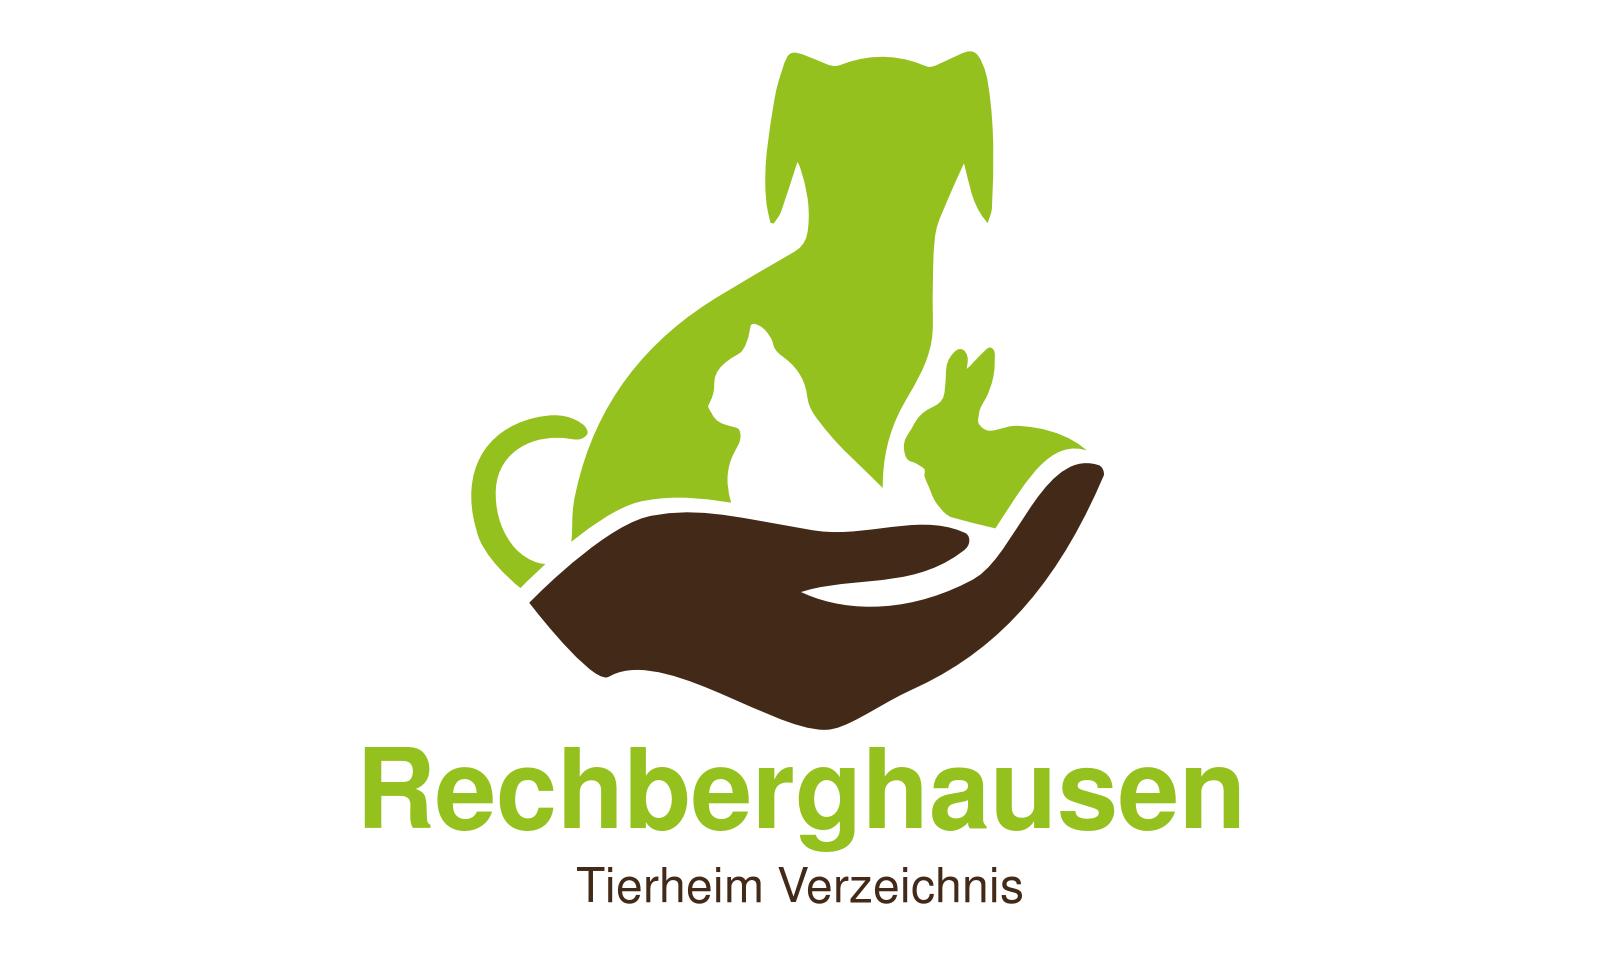 Tierheim Rechberghausen